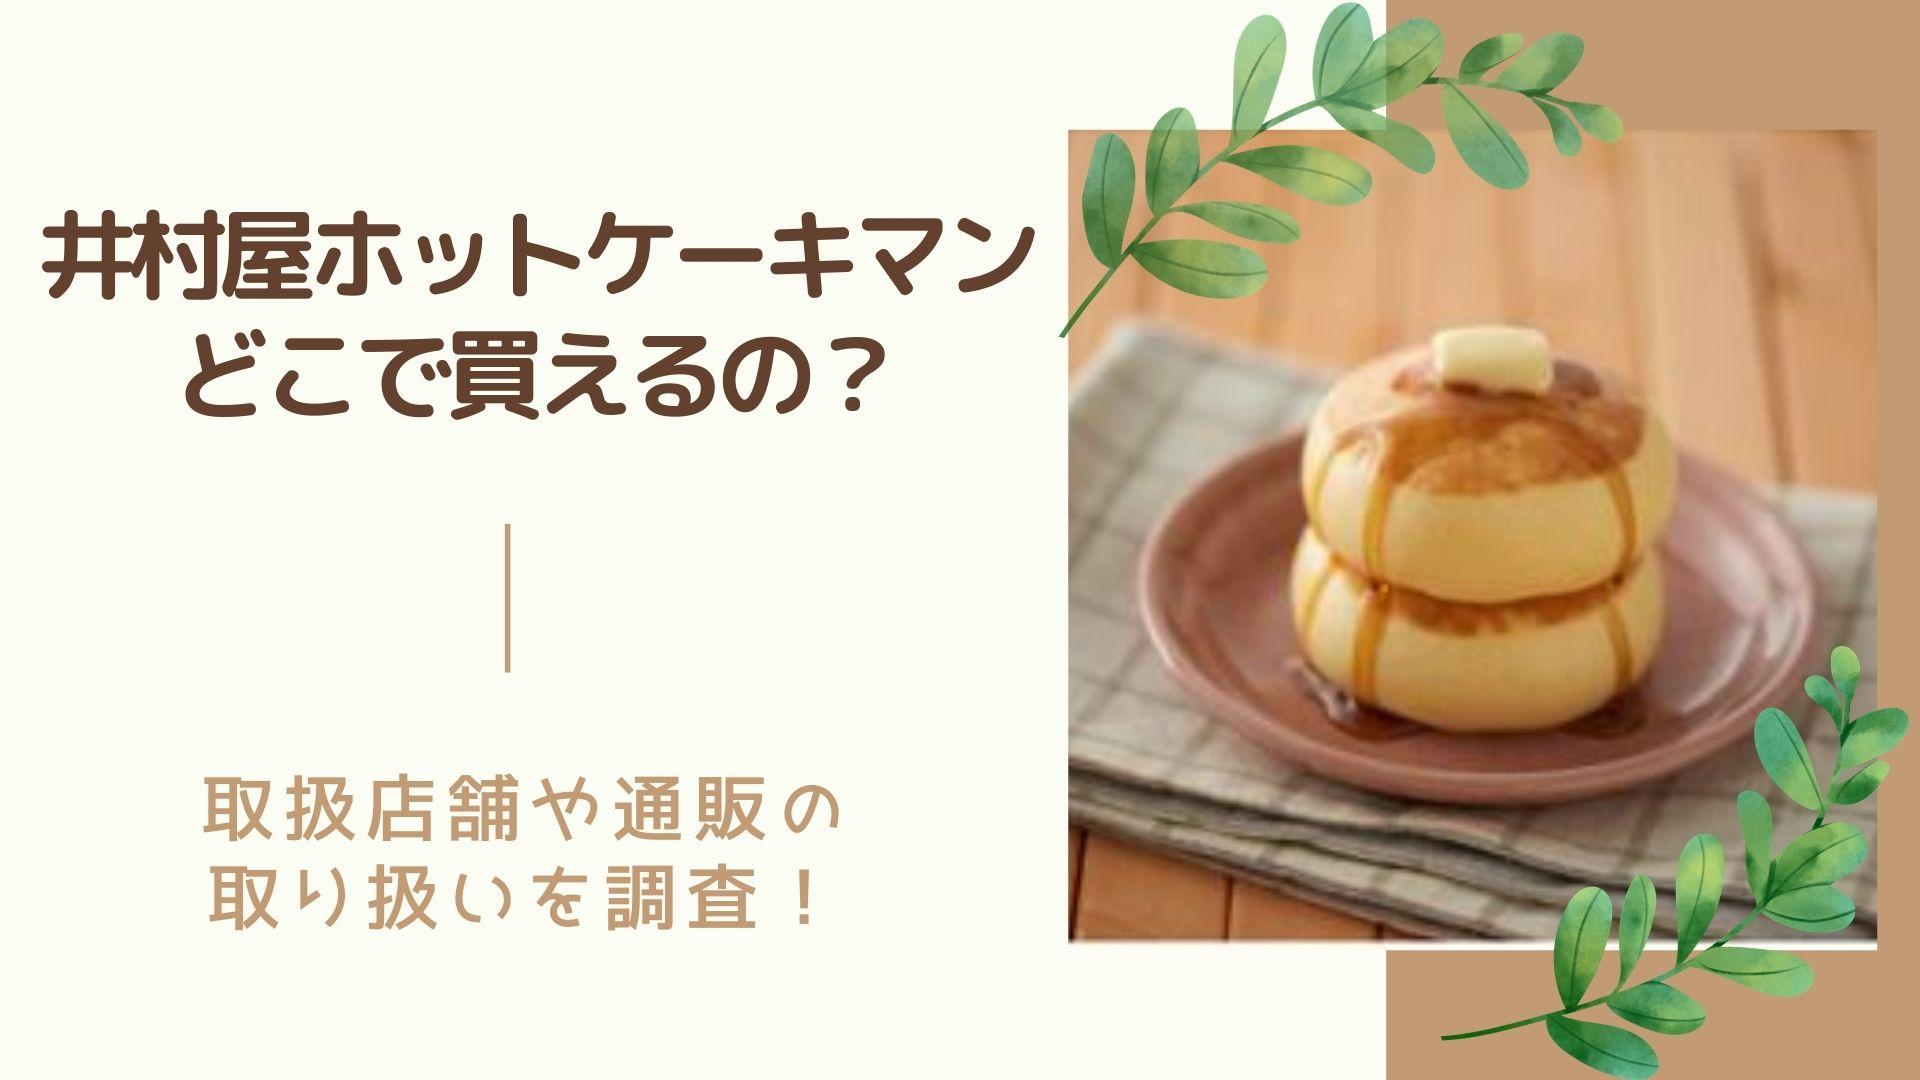 ホット ケーキ マン ファミマ